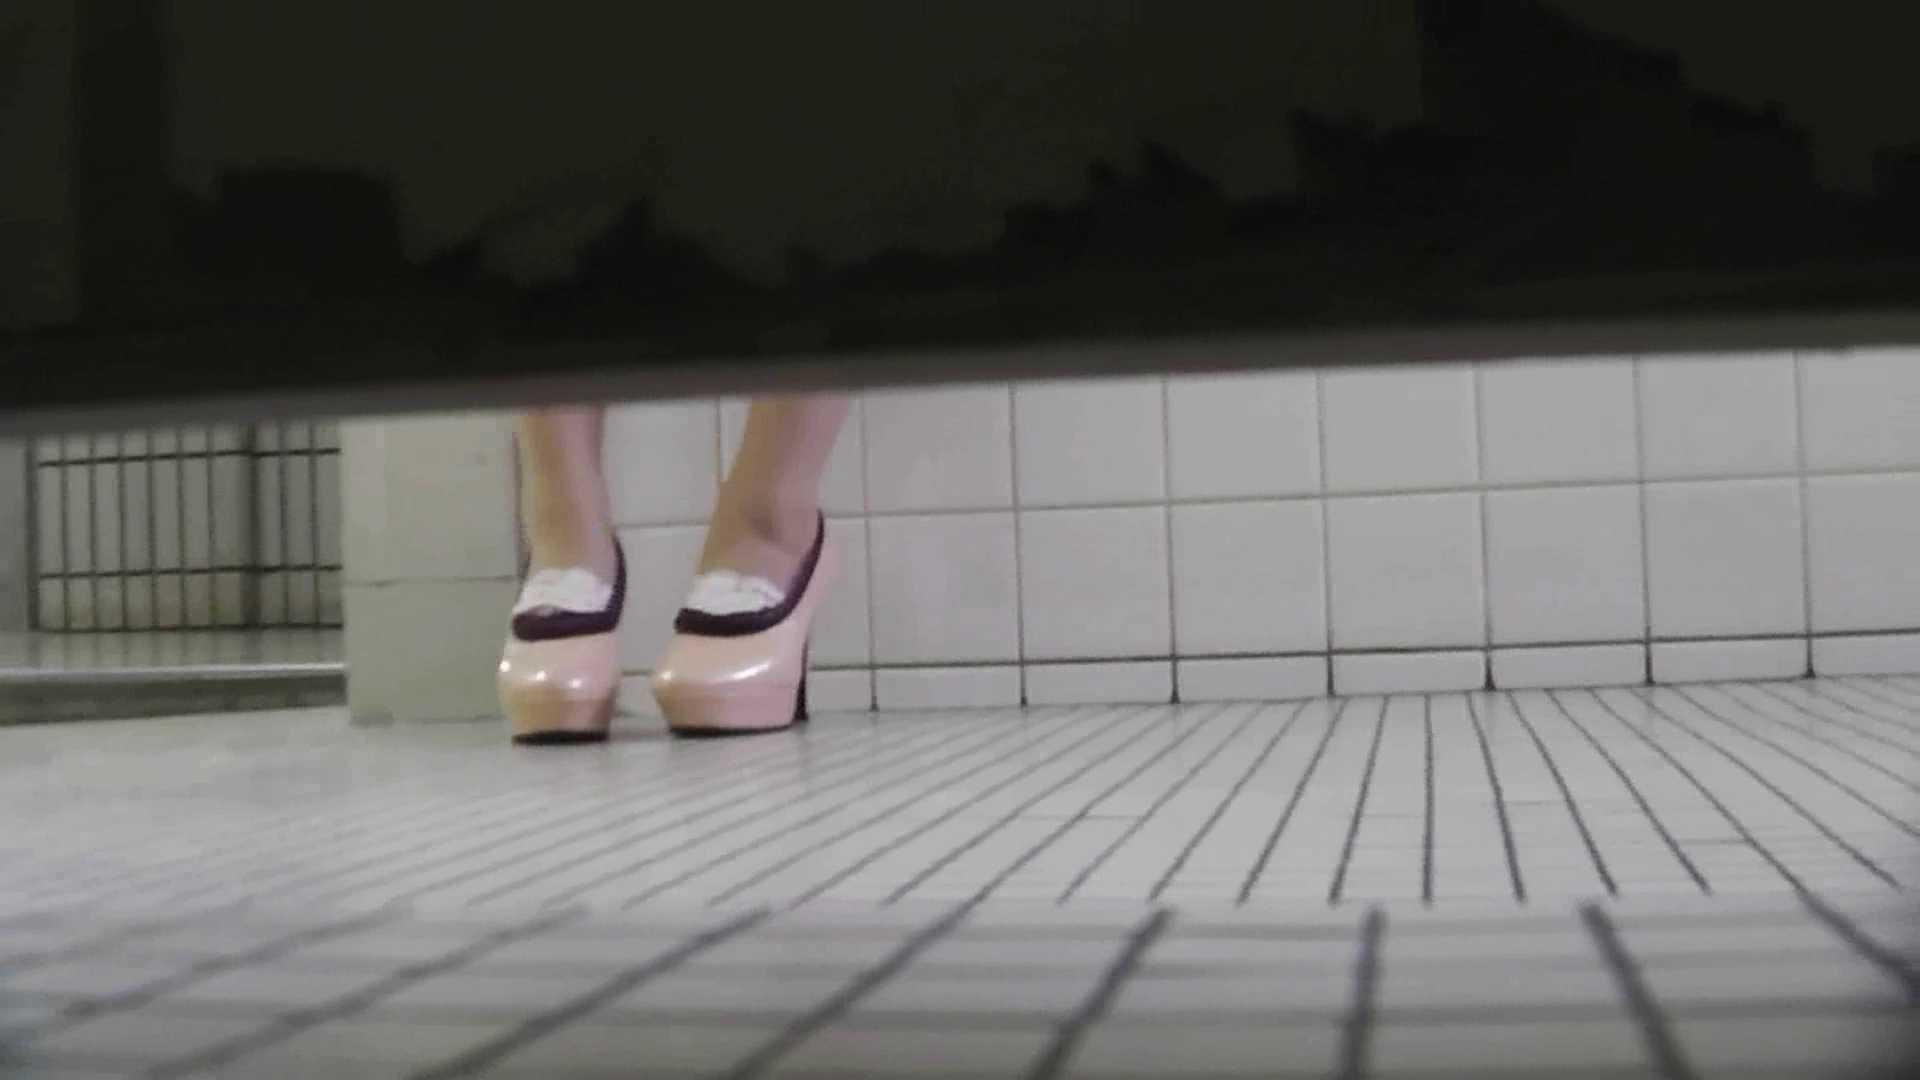 【美しき個室な世界】vol.015 特攻隊の軌跡 洗面所 おまんこ動画流出 79pic 79